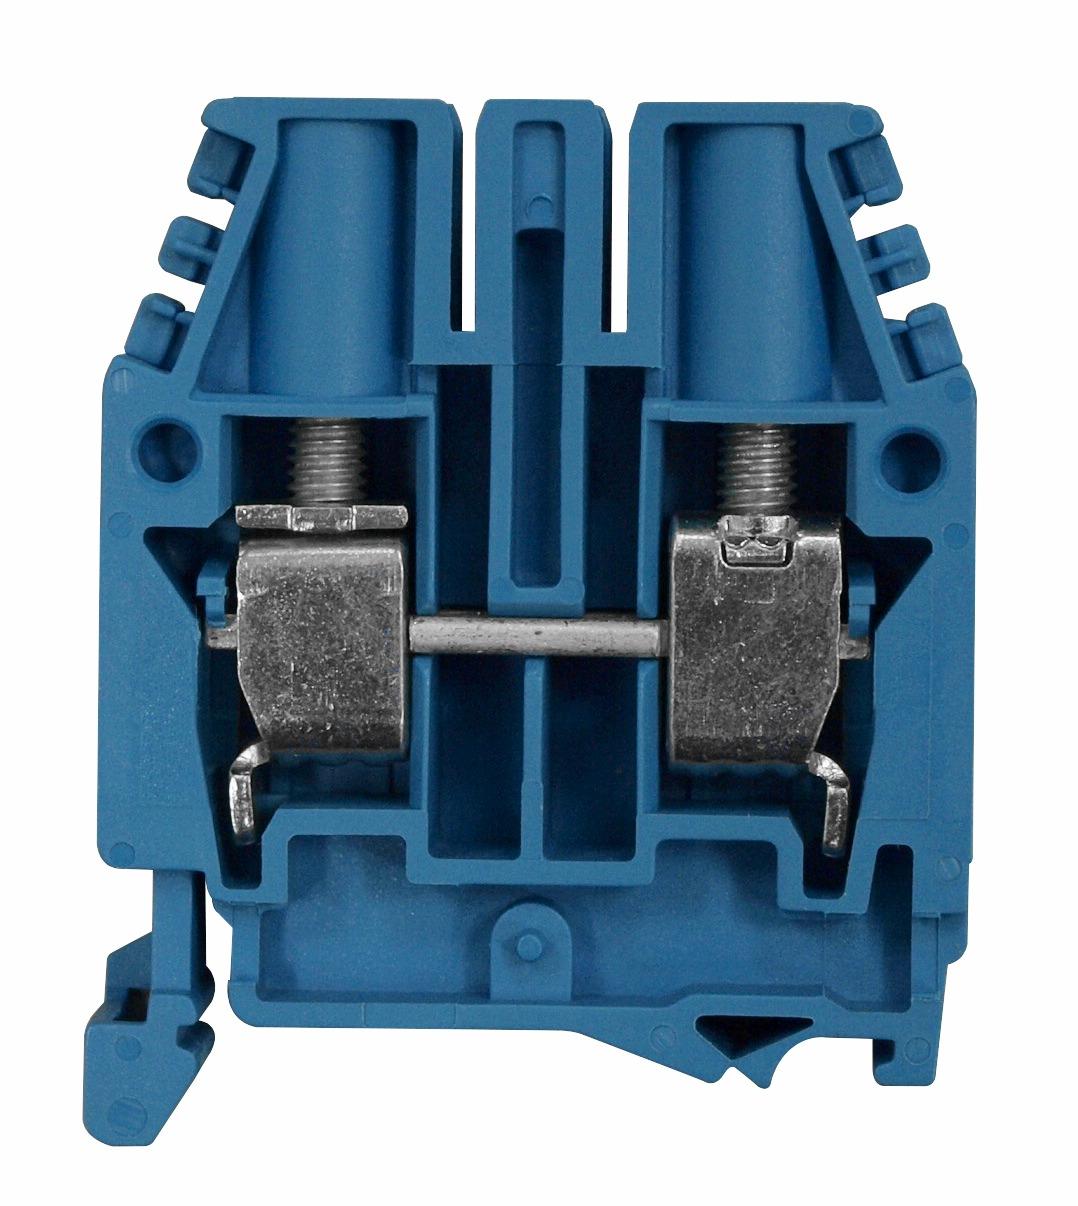 1 Stk Reihenklemme CBC.16 blau, 16mm² IK111016--